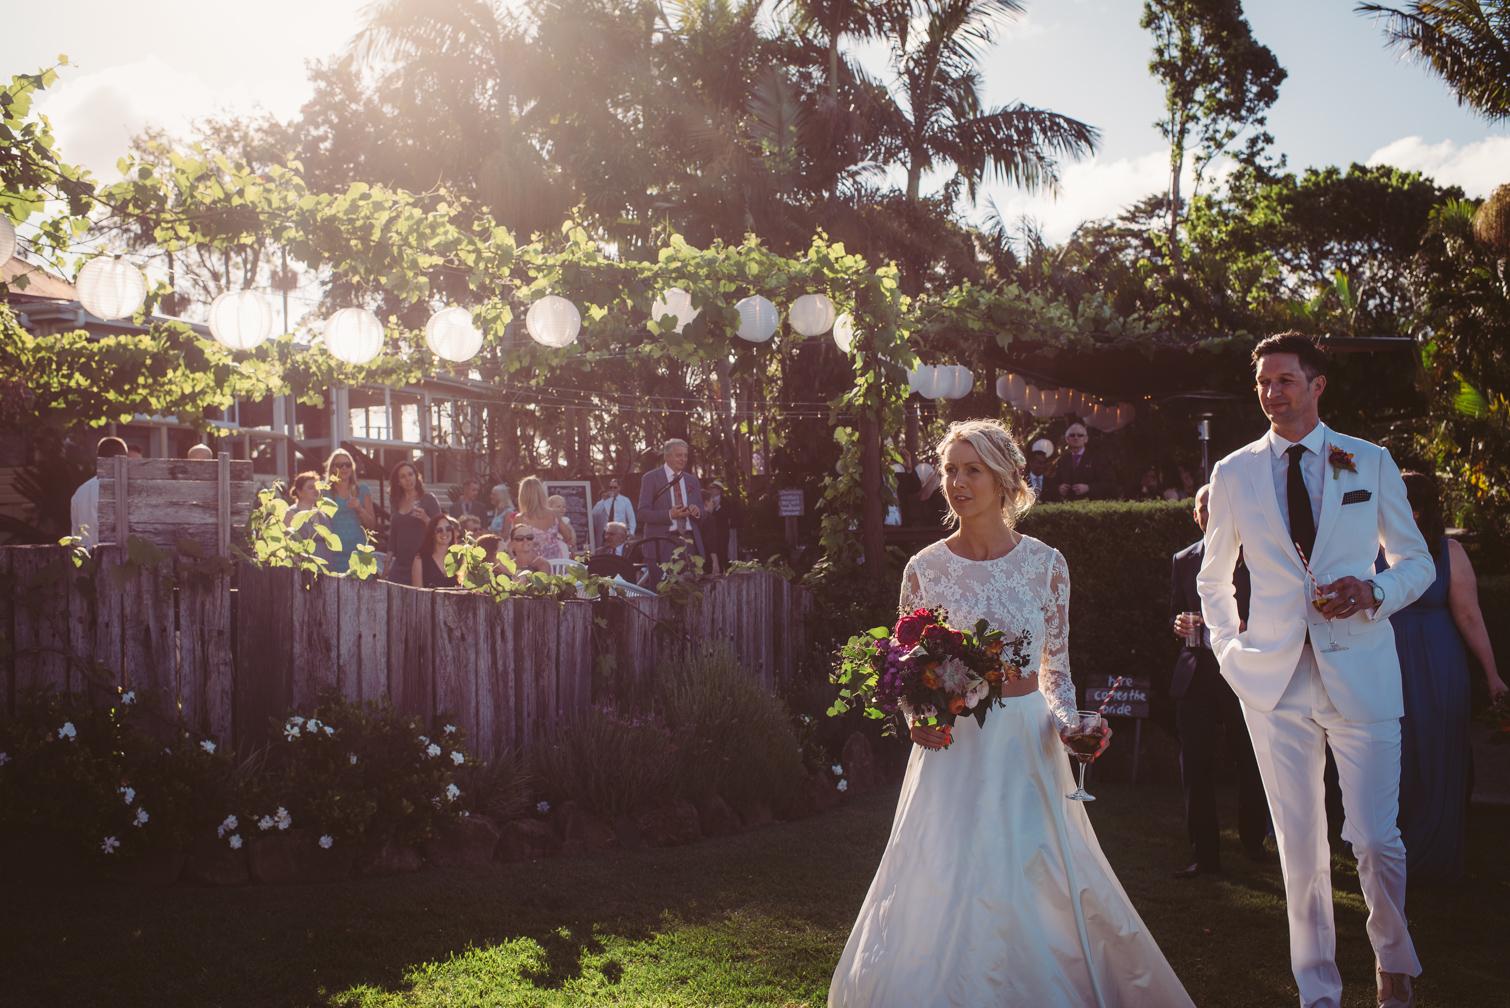 Byron_Bay_Figtree_Restaurant_Wedding_Venue-51.jpg